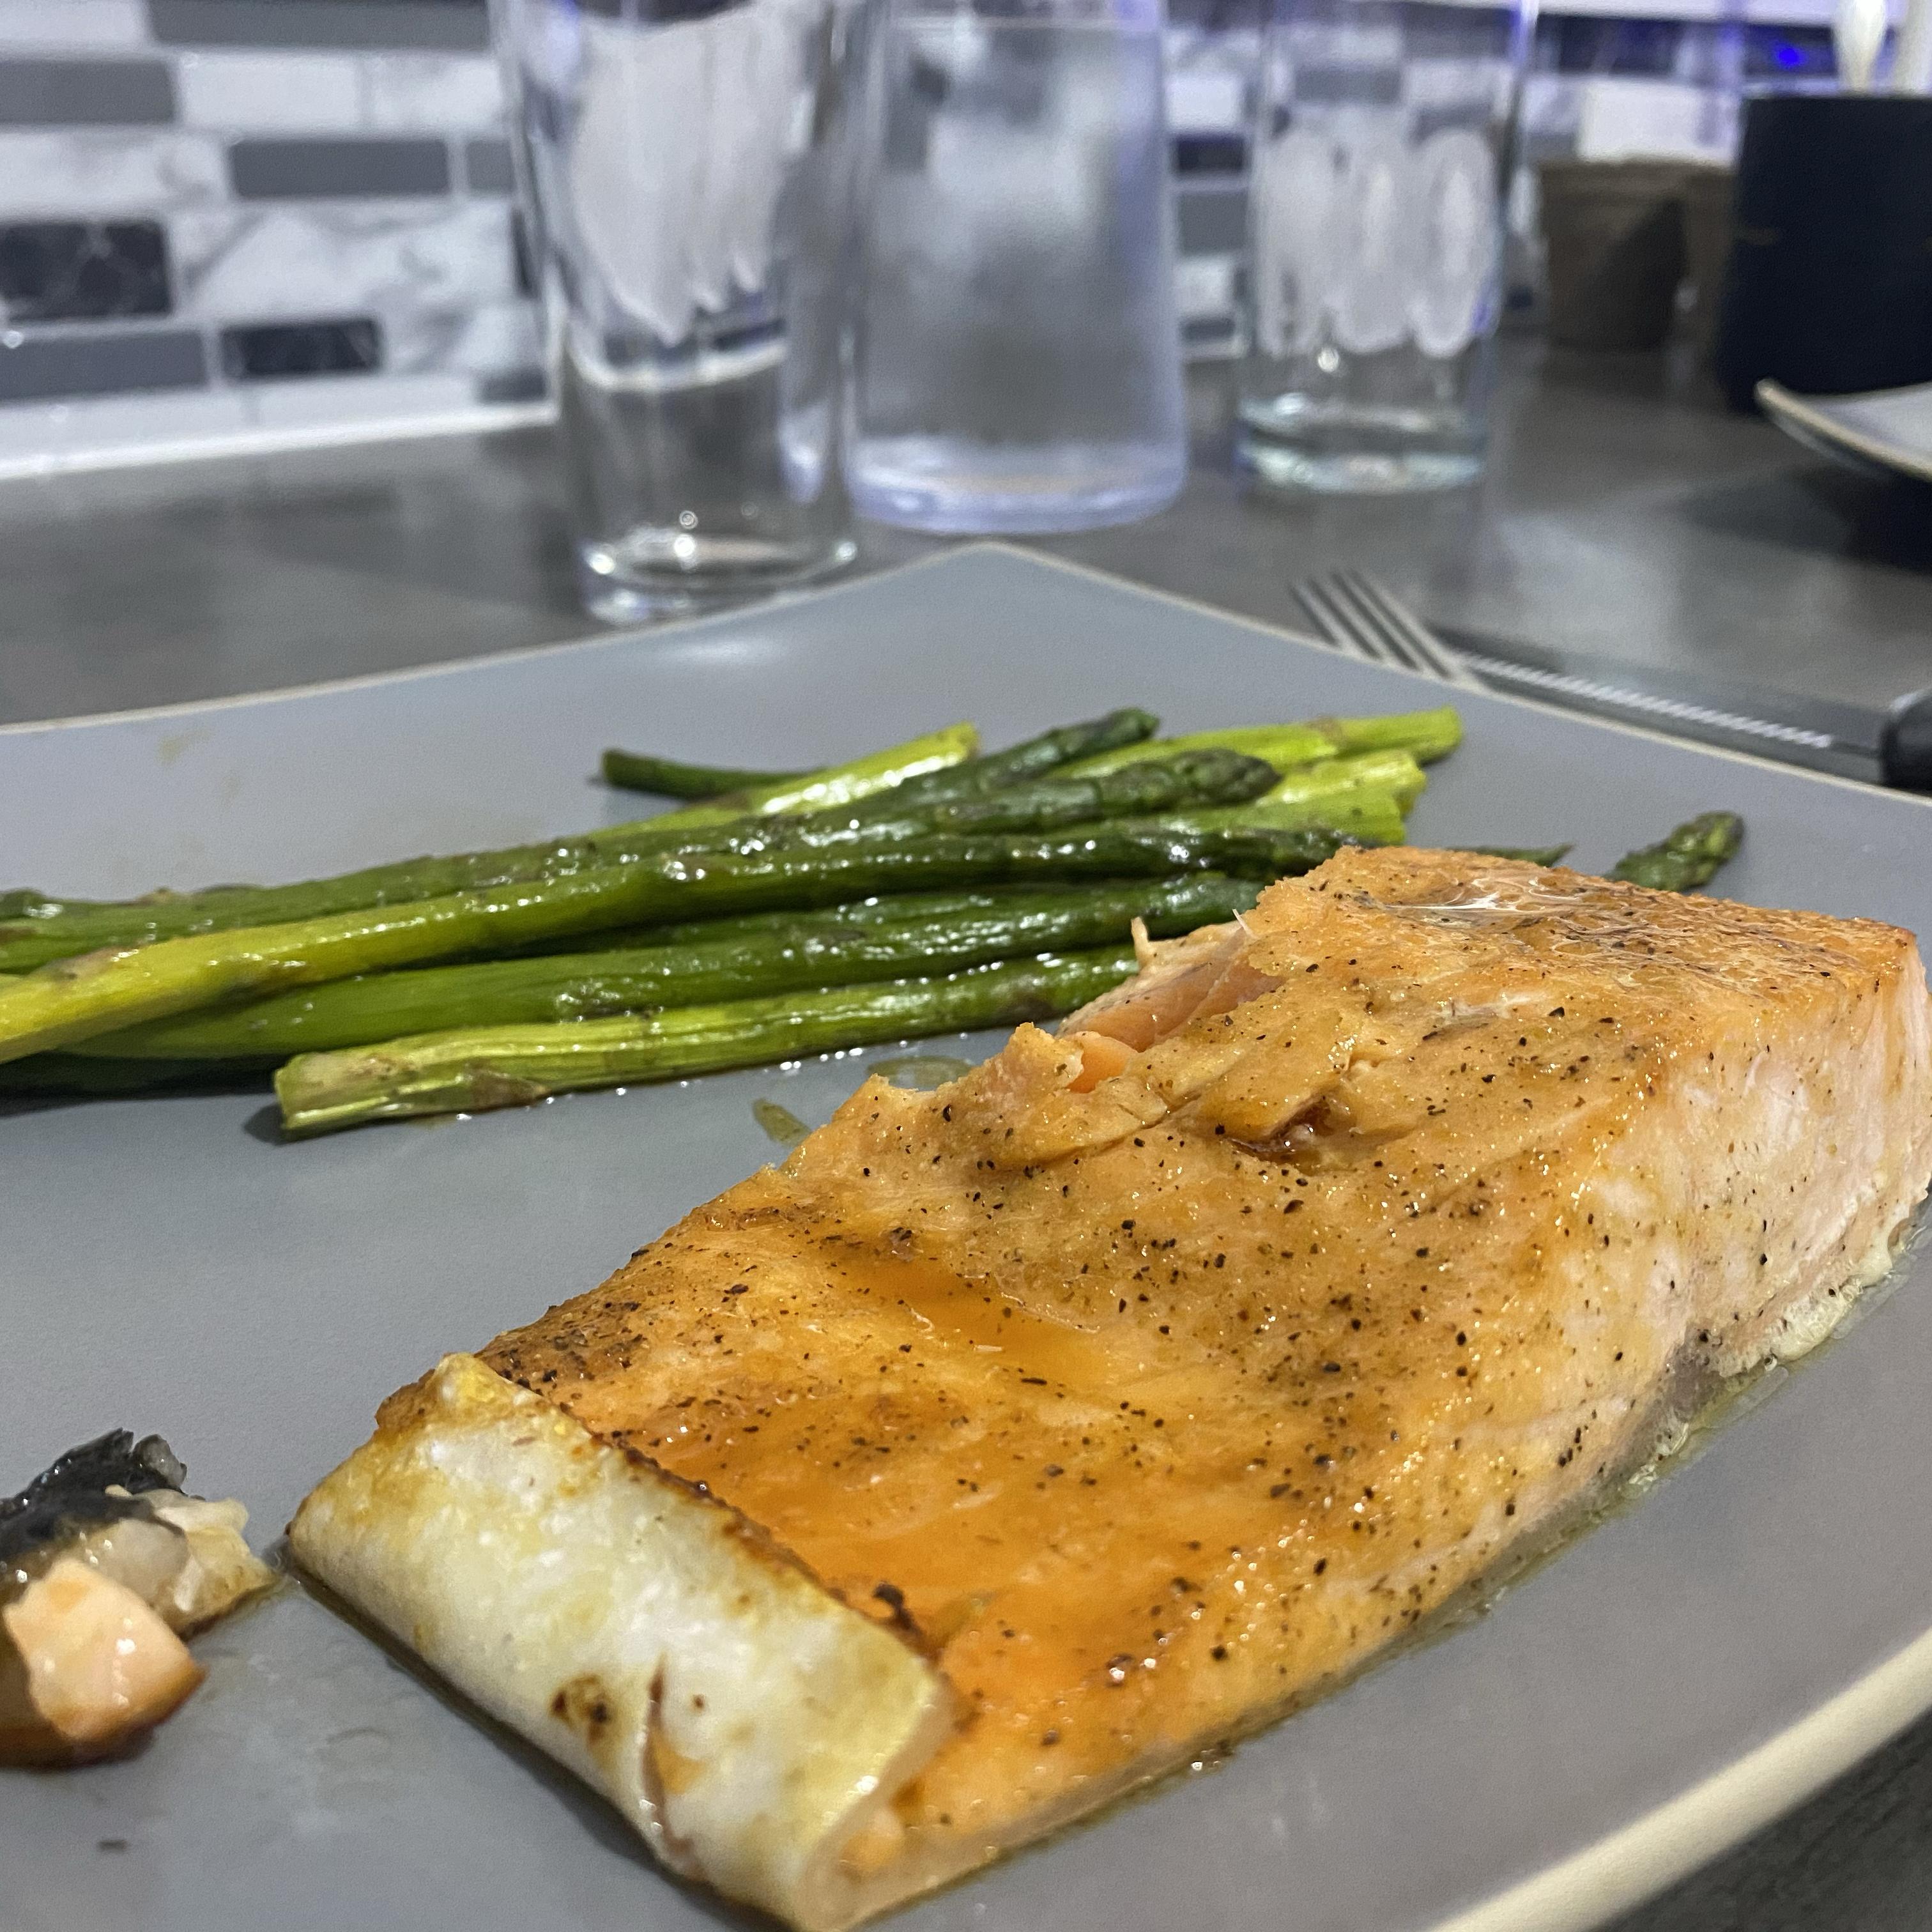 Soy-Honey Glazed Salmon with Asparagus asdfgh